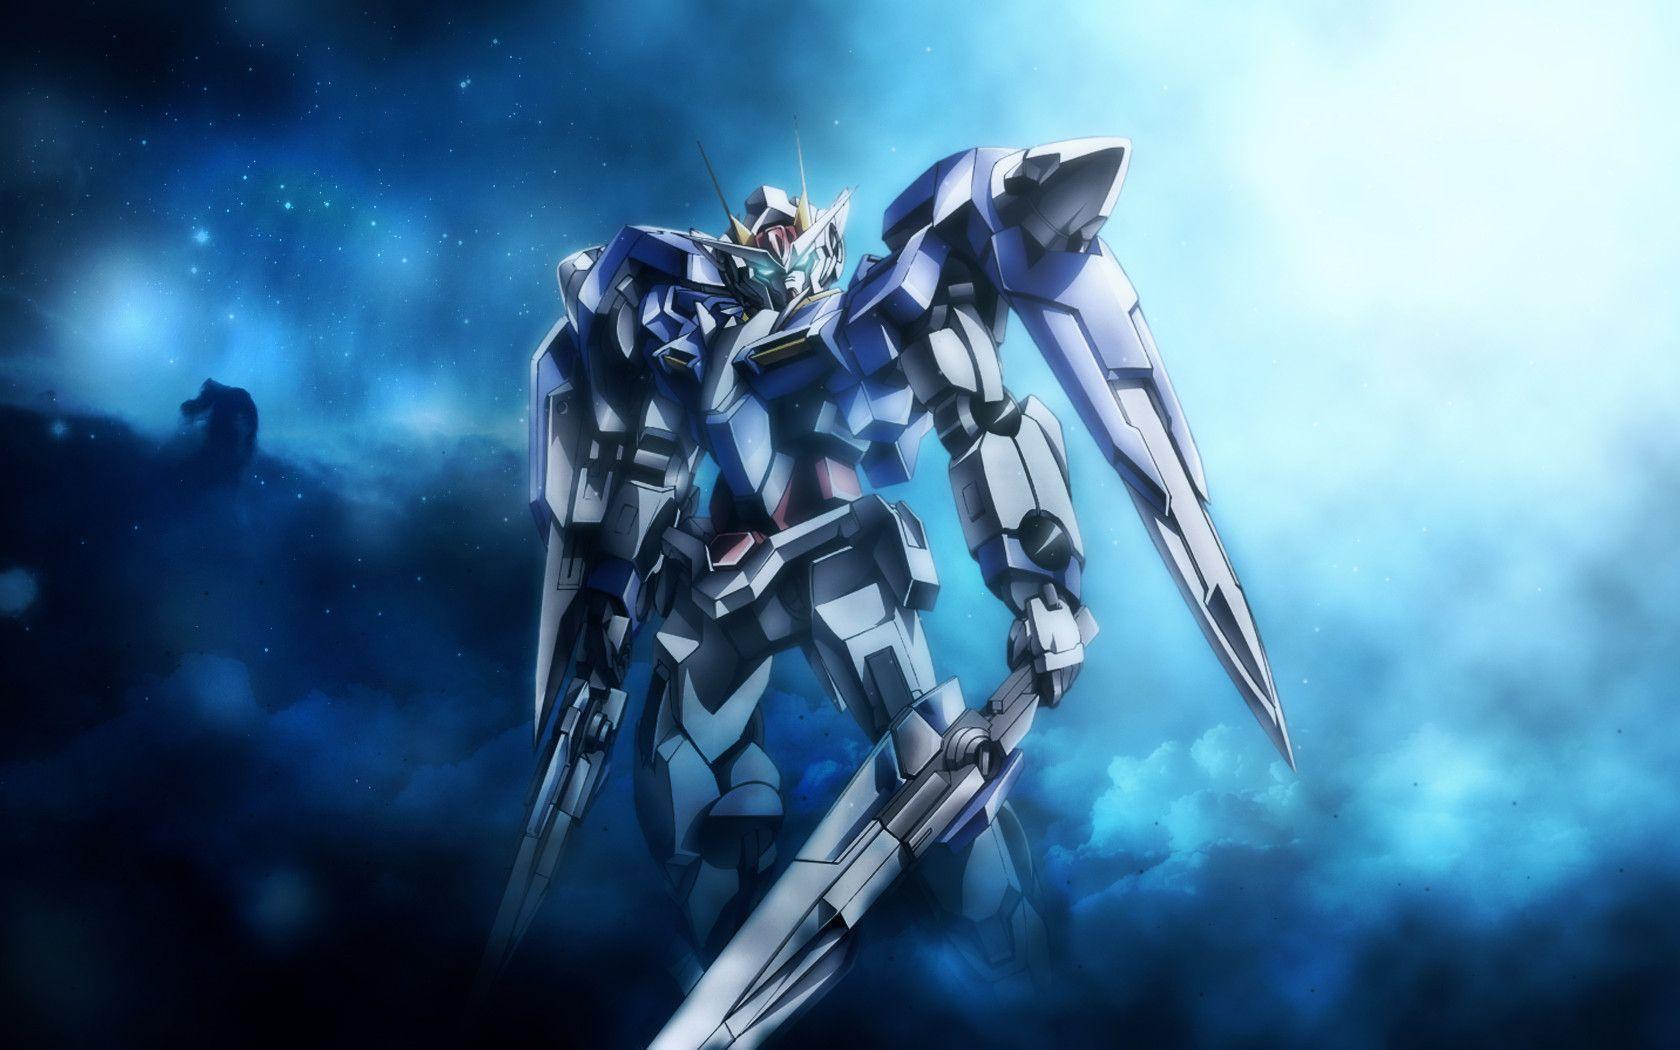 164 Gundam Wallpapers Gundam Backgrounds A silent voice